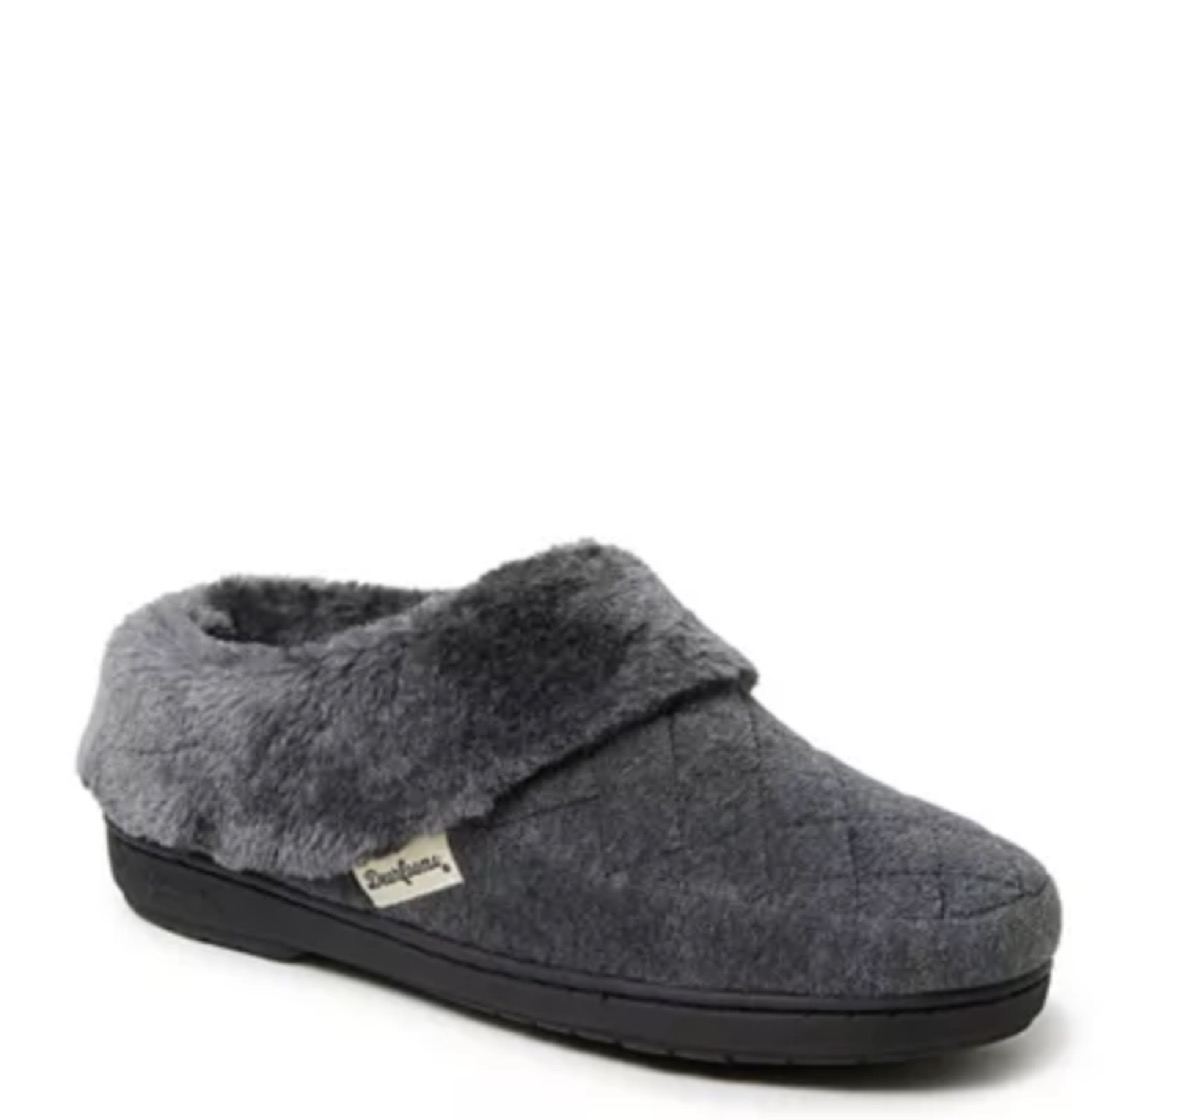 women's velour clog slippers